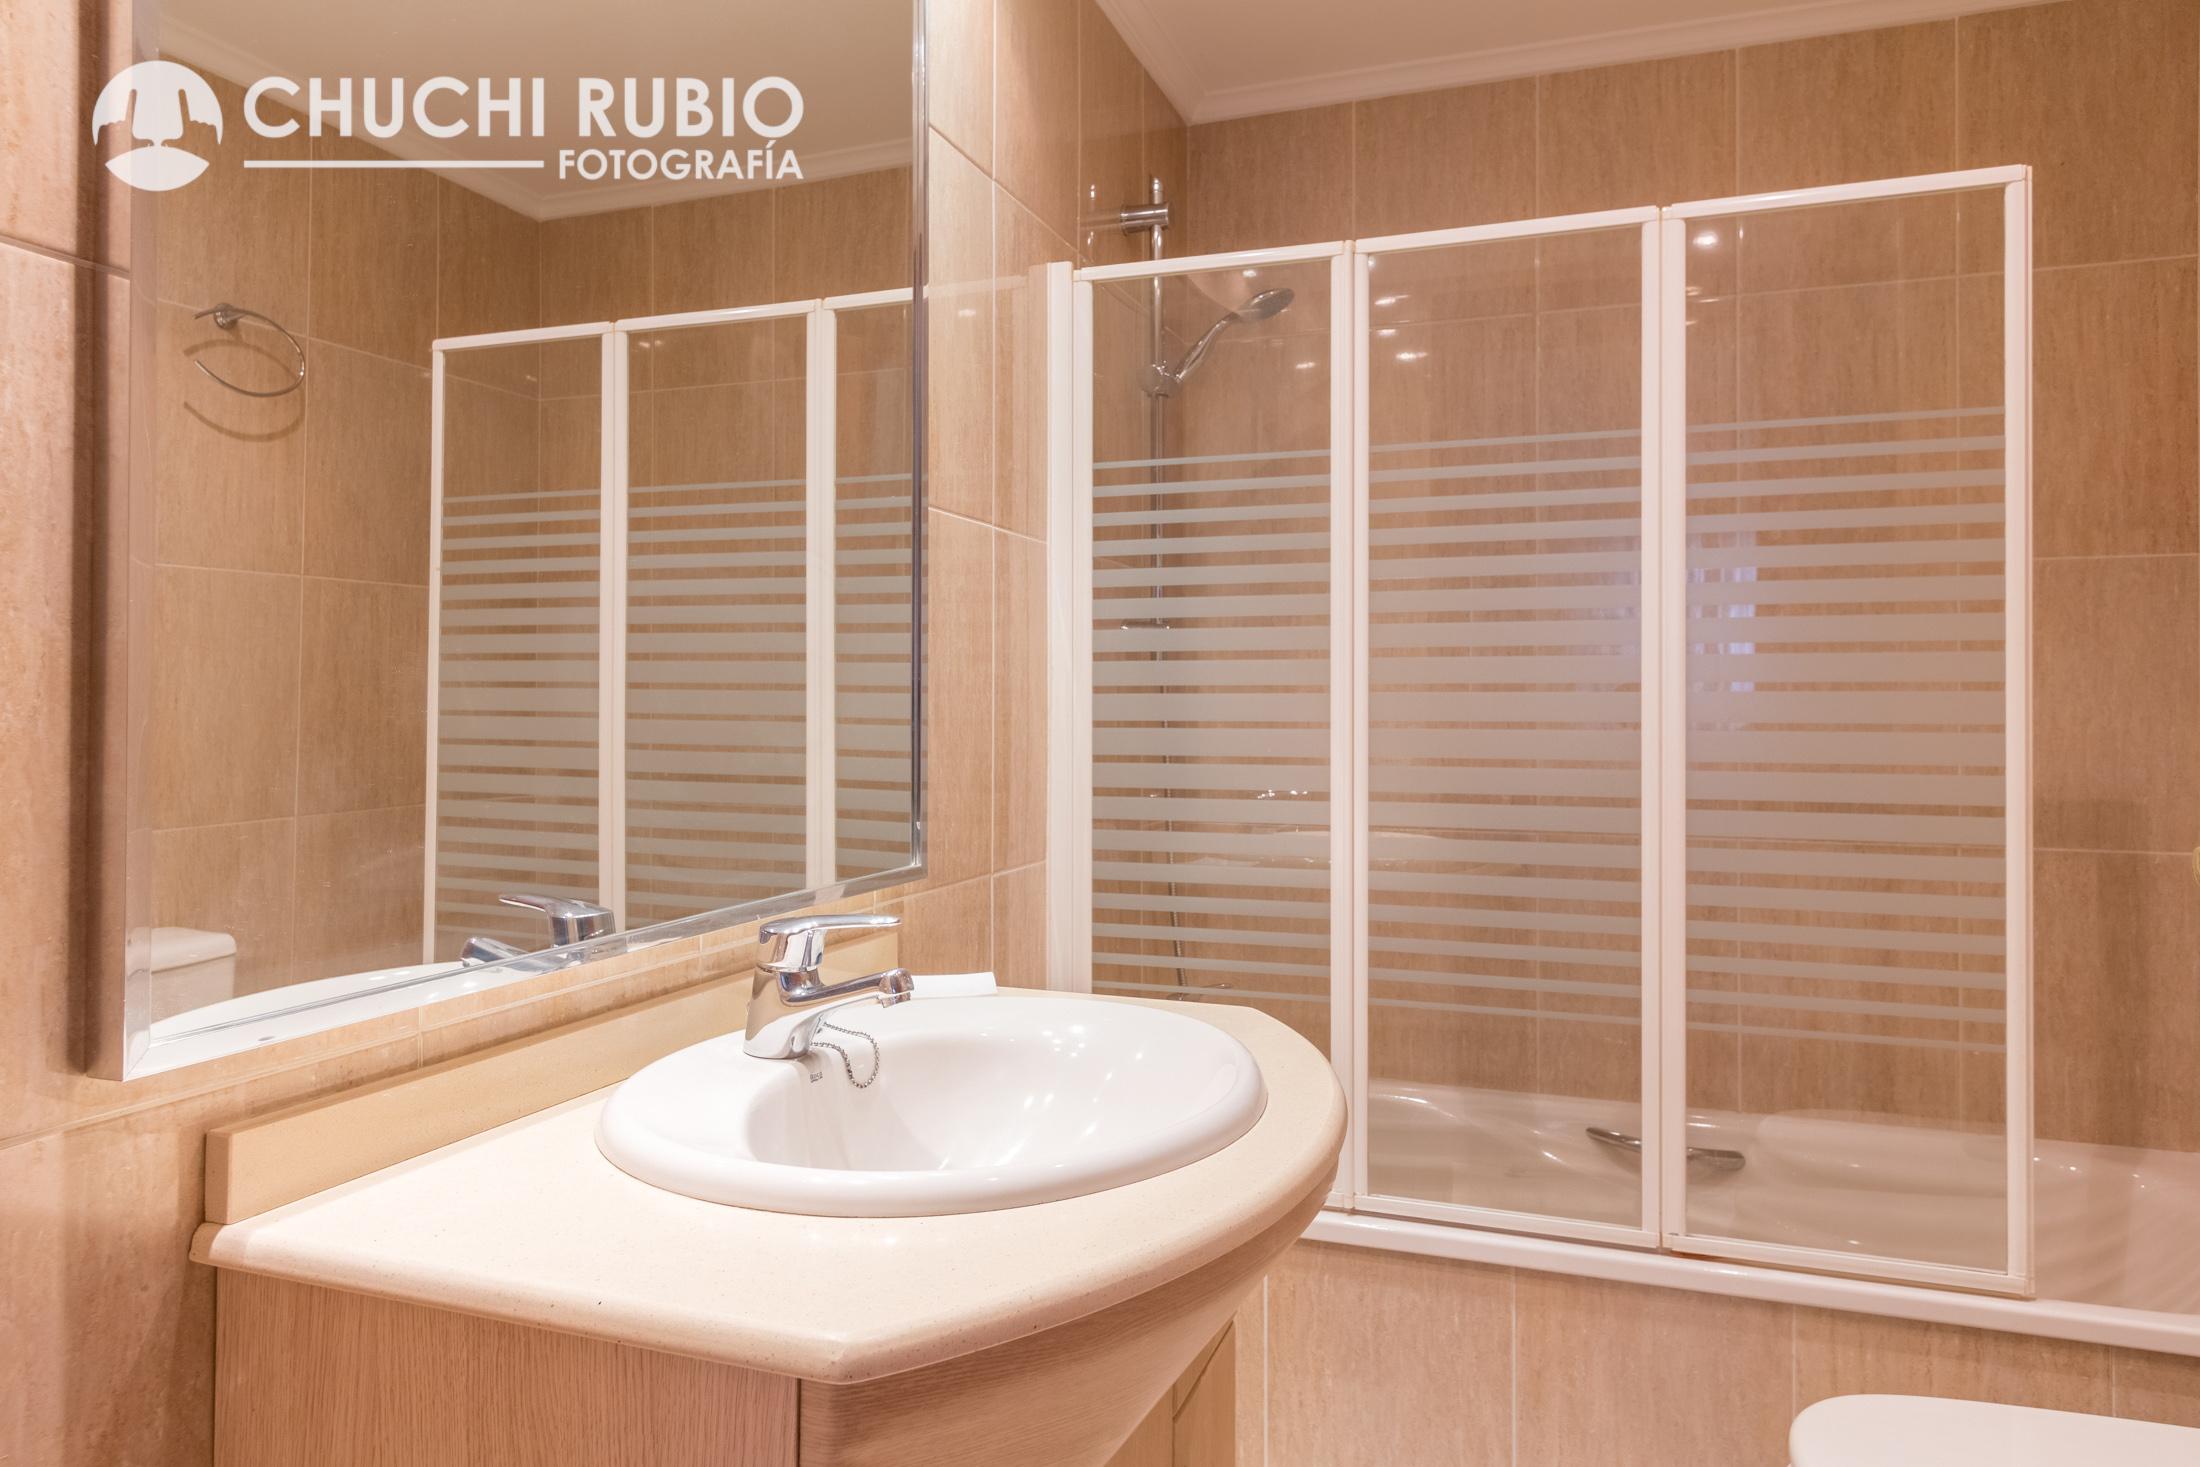 IMG 0857 HDR - Fotografía para Inmobiliarias, venta de pisos, locales...